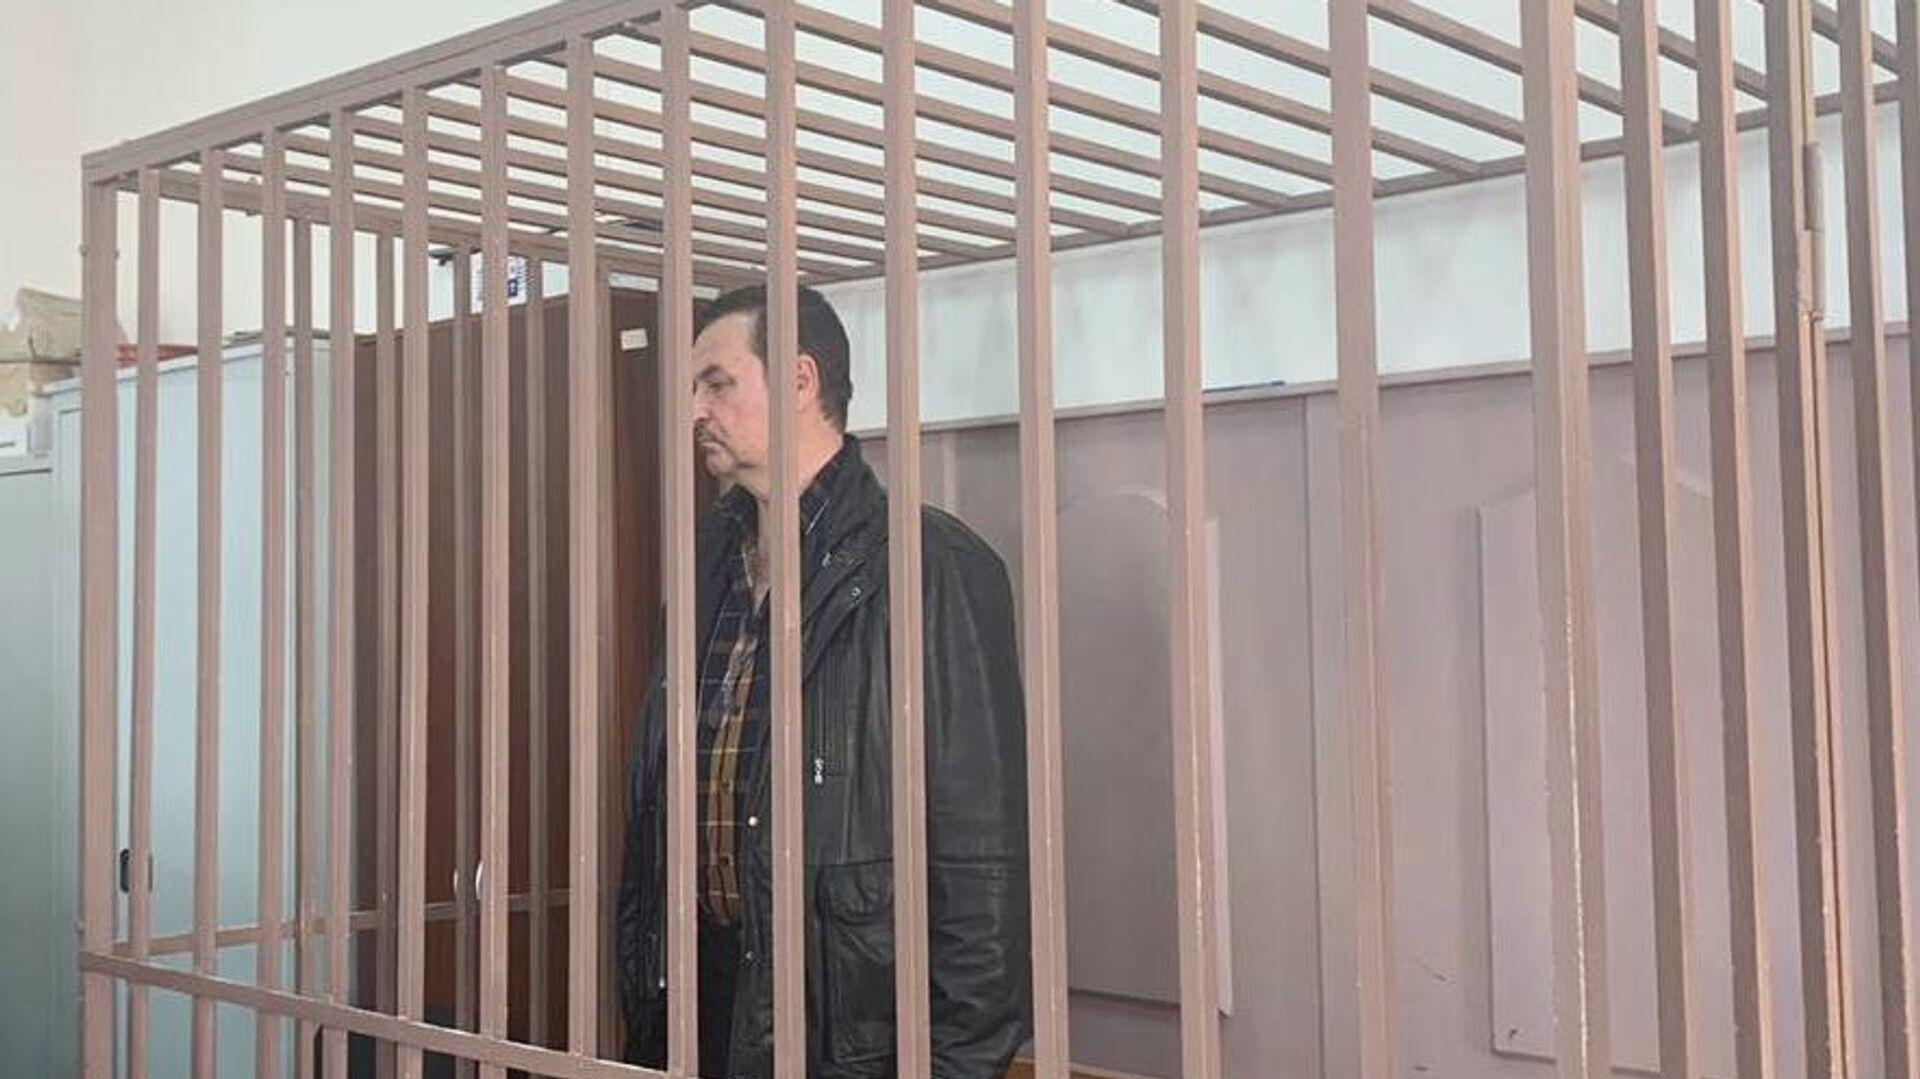 Бывший руководитель компании Авиасити Сергей Коноплев в суде. 22 апреля 2020 - РИА Новости, 1920, 22.04.2020